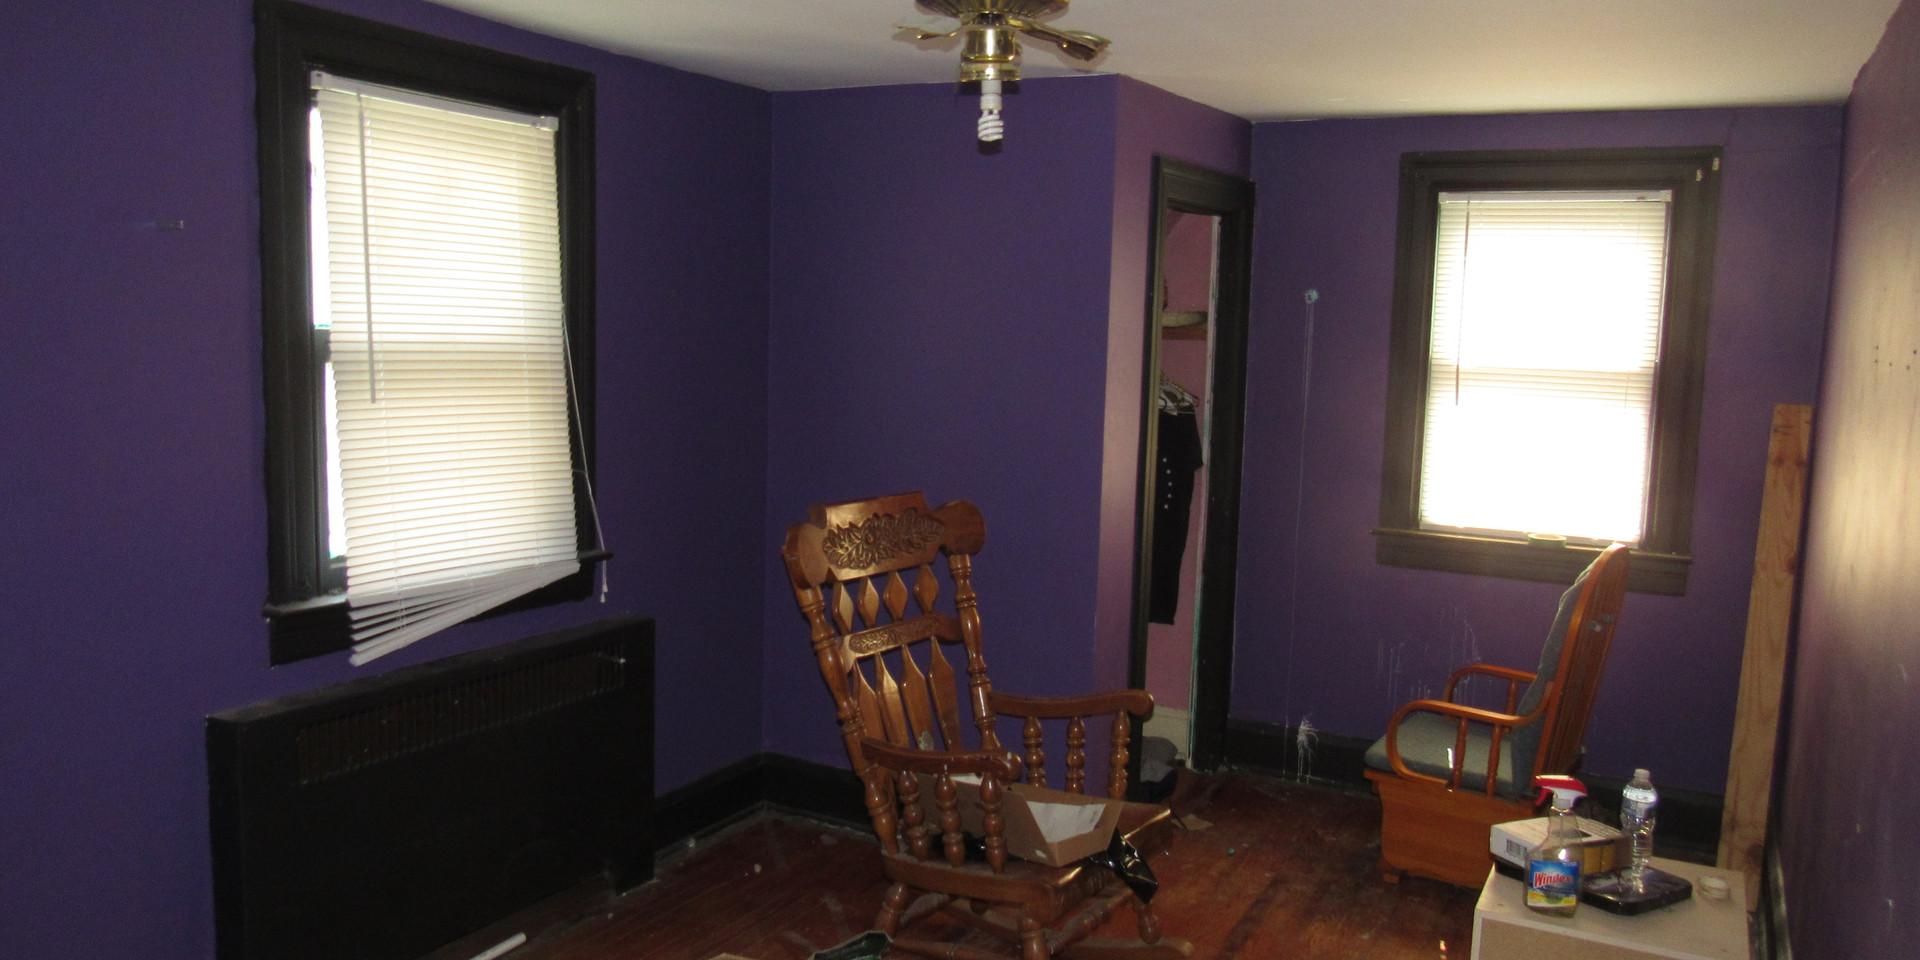 18 - Bedroom 1A.JPG